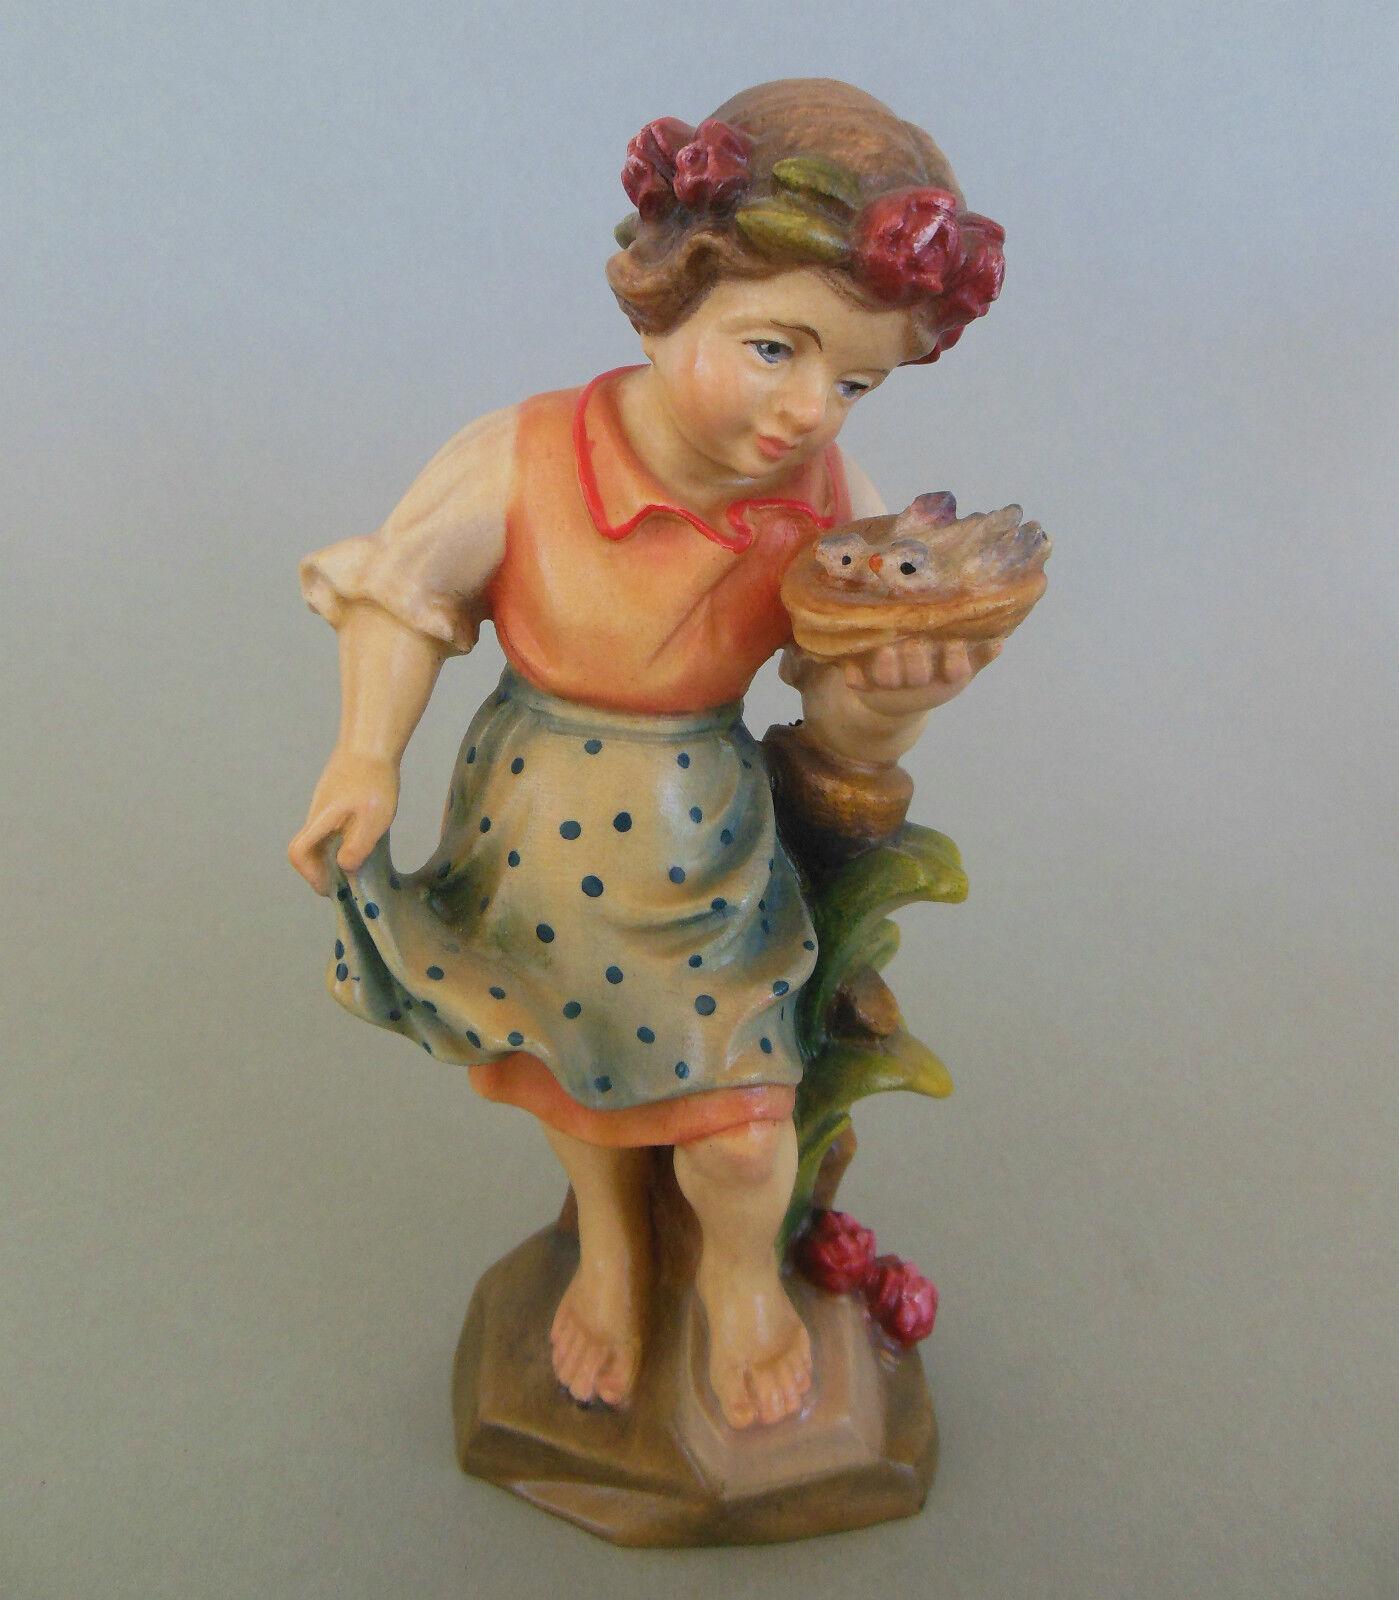 Mädchen mit Vögelchen ca. 15 cm hoch Holz geschnitzt bemalt Kinderfigur